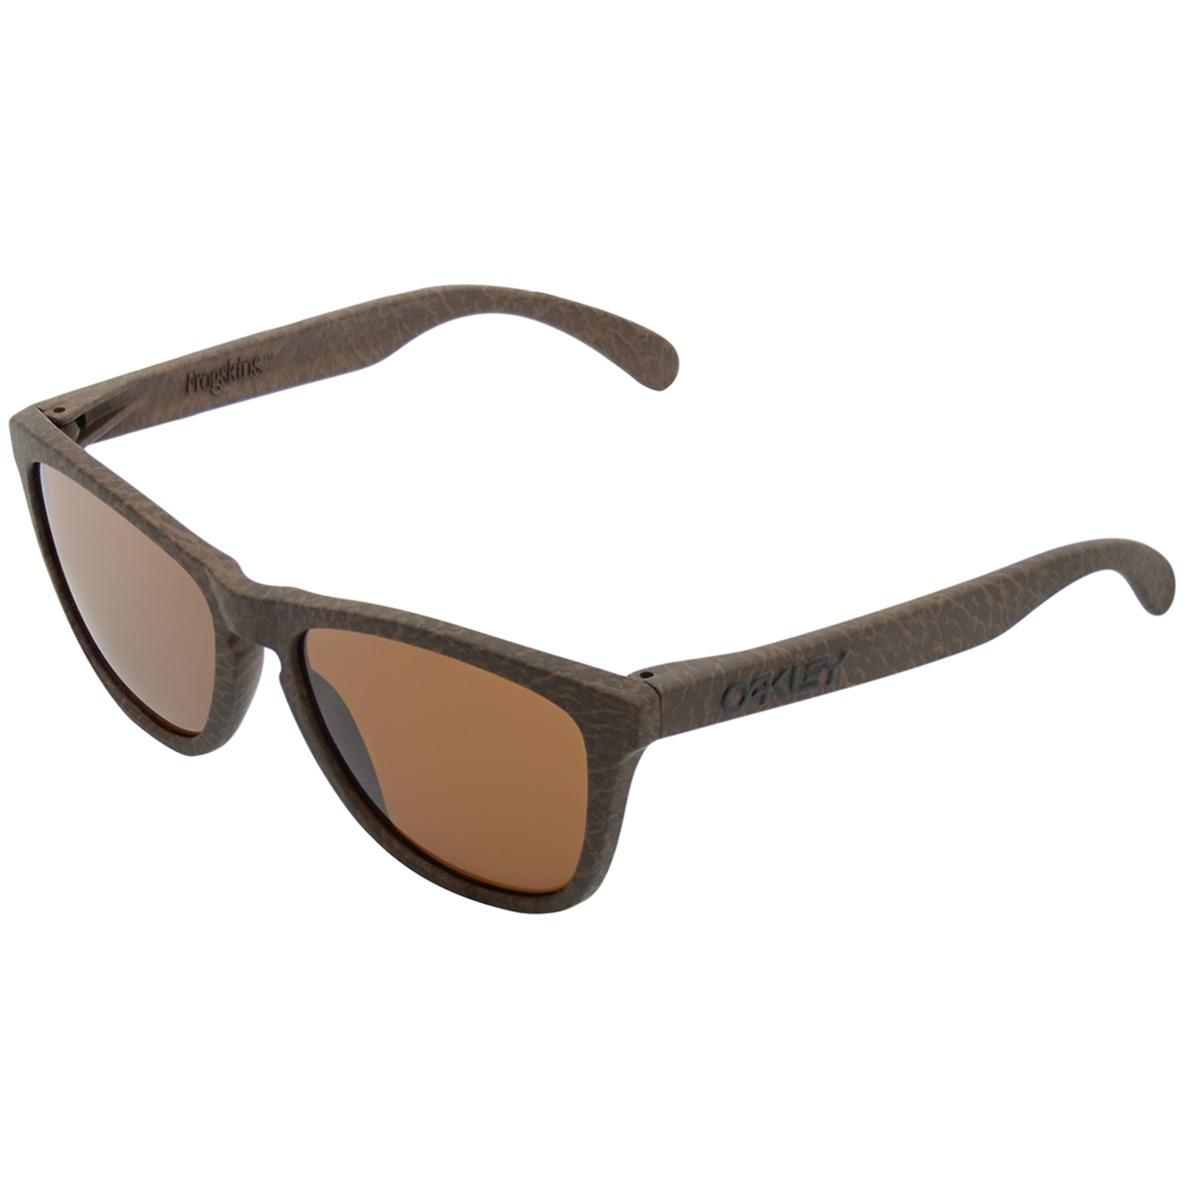 Óculos Oakley Frogskins Tobacco  Lente Dark Bronze - R  519,90 em ... a27e74ddd0